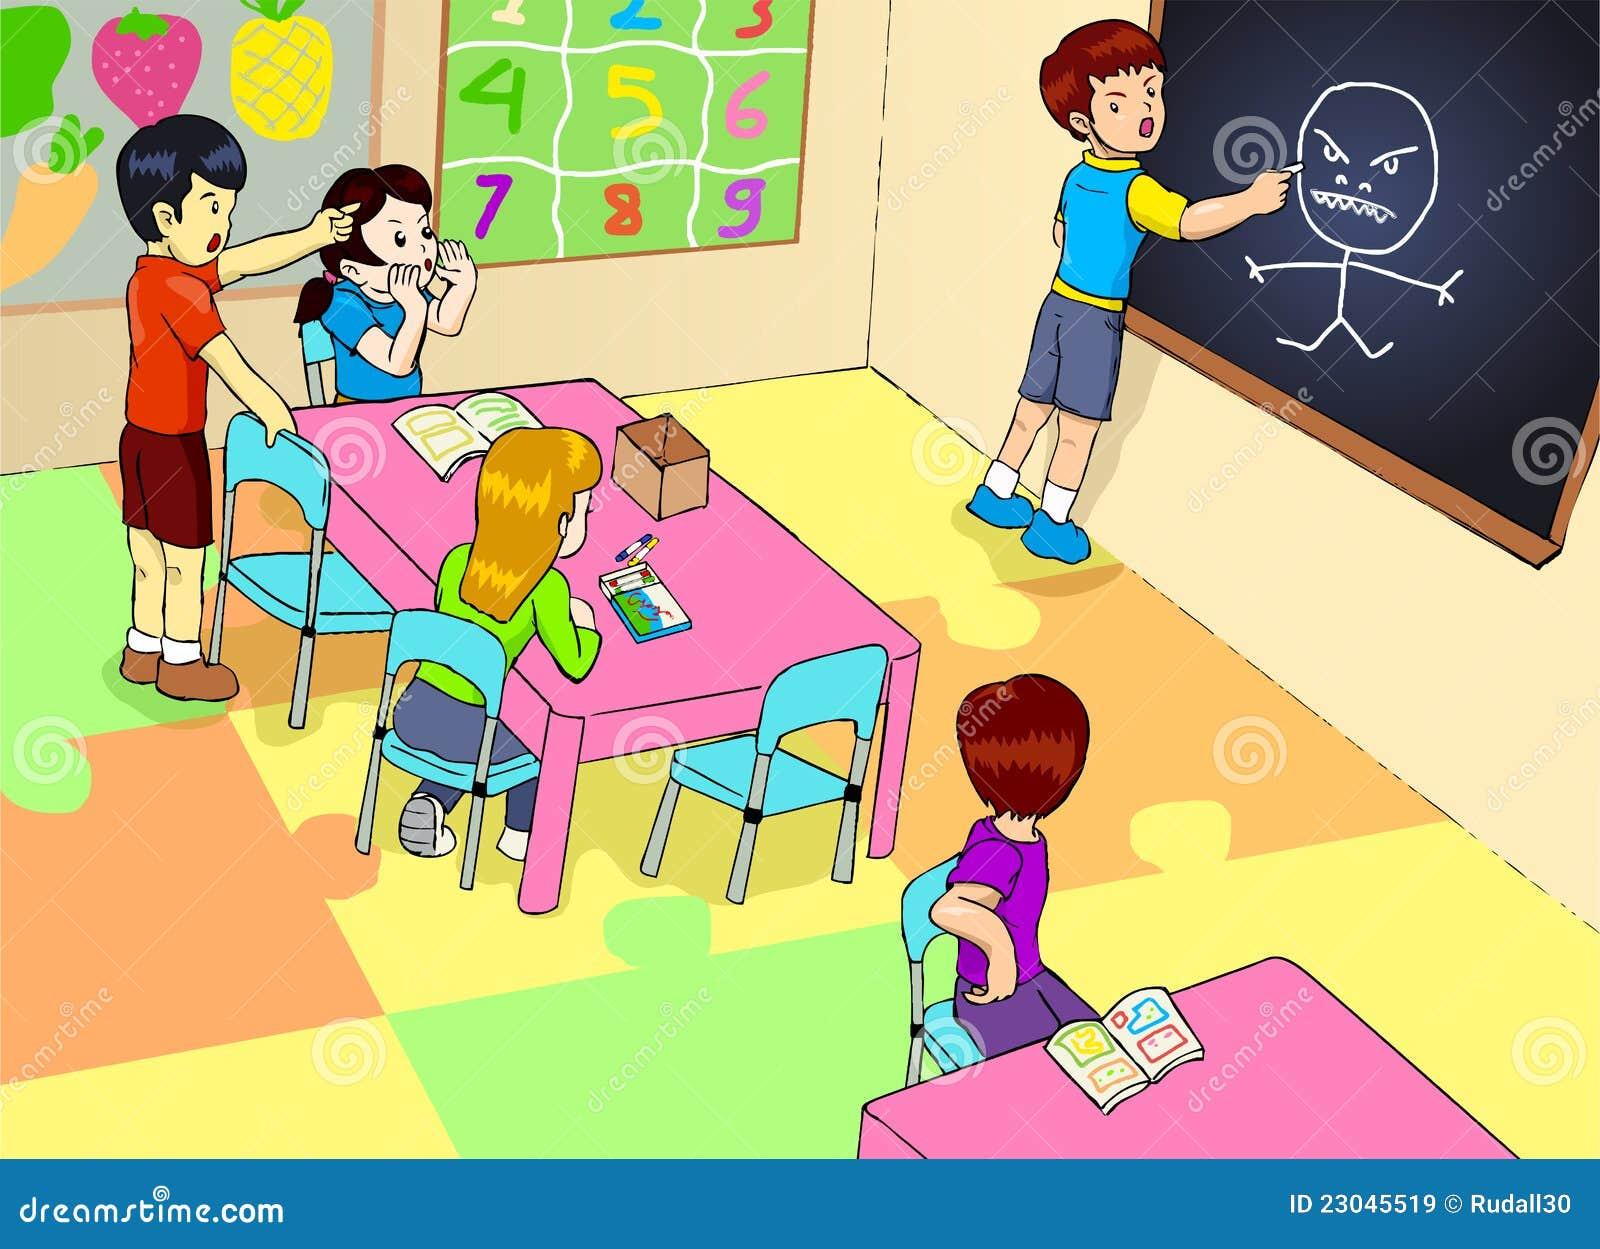 imagens jardim infancia:Jardim De Infância Imagens de Stock Royalty Free – Imagem: 23045519